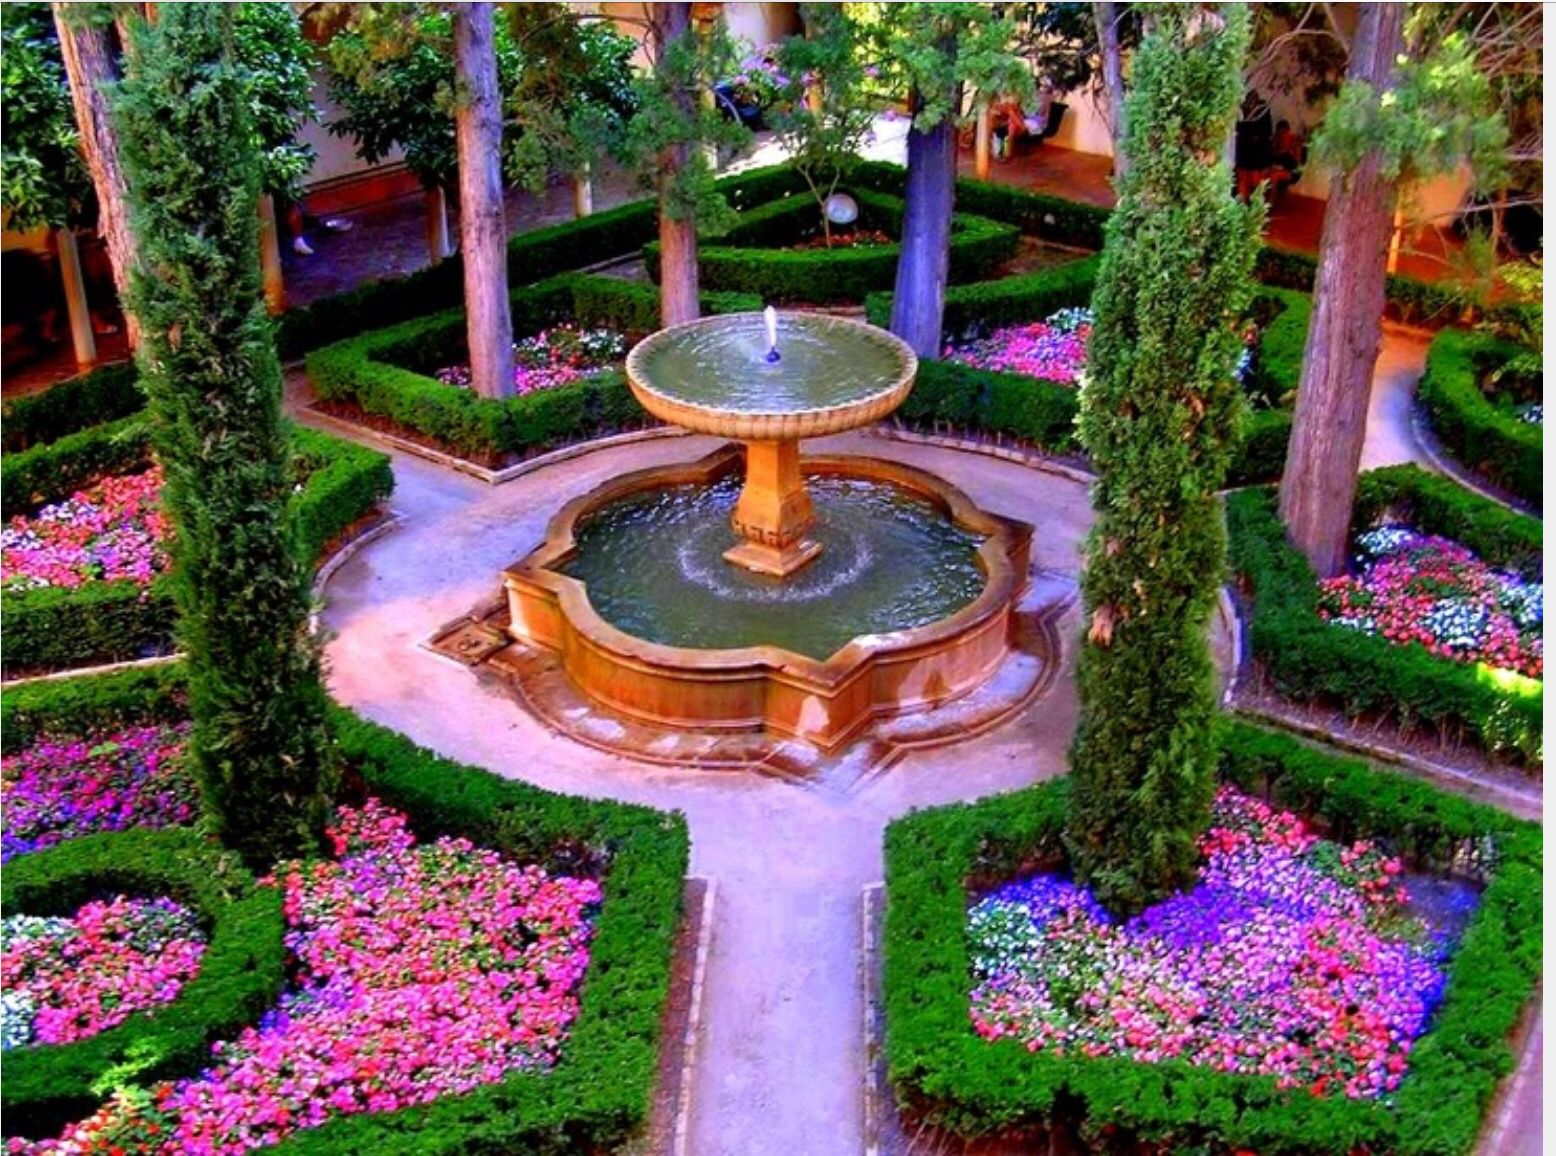 Los jardines en espa a ten an muchas flores con muchas for Diseno de fuente de jardin al aire libre